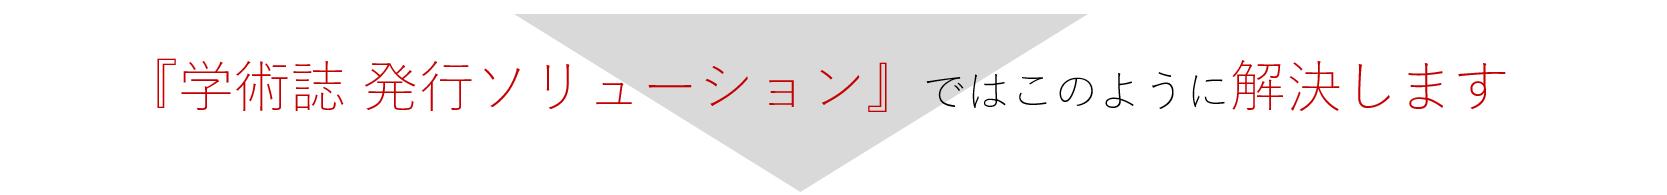 学会誌発行までの事例紹介1